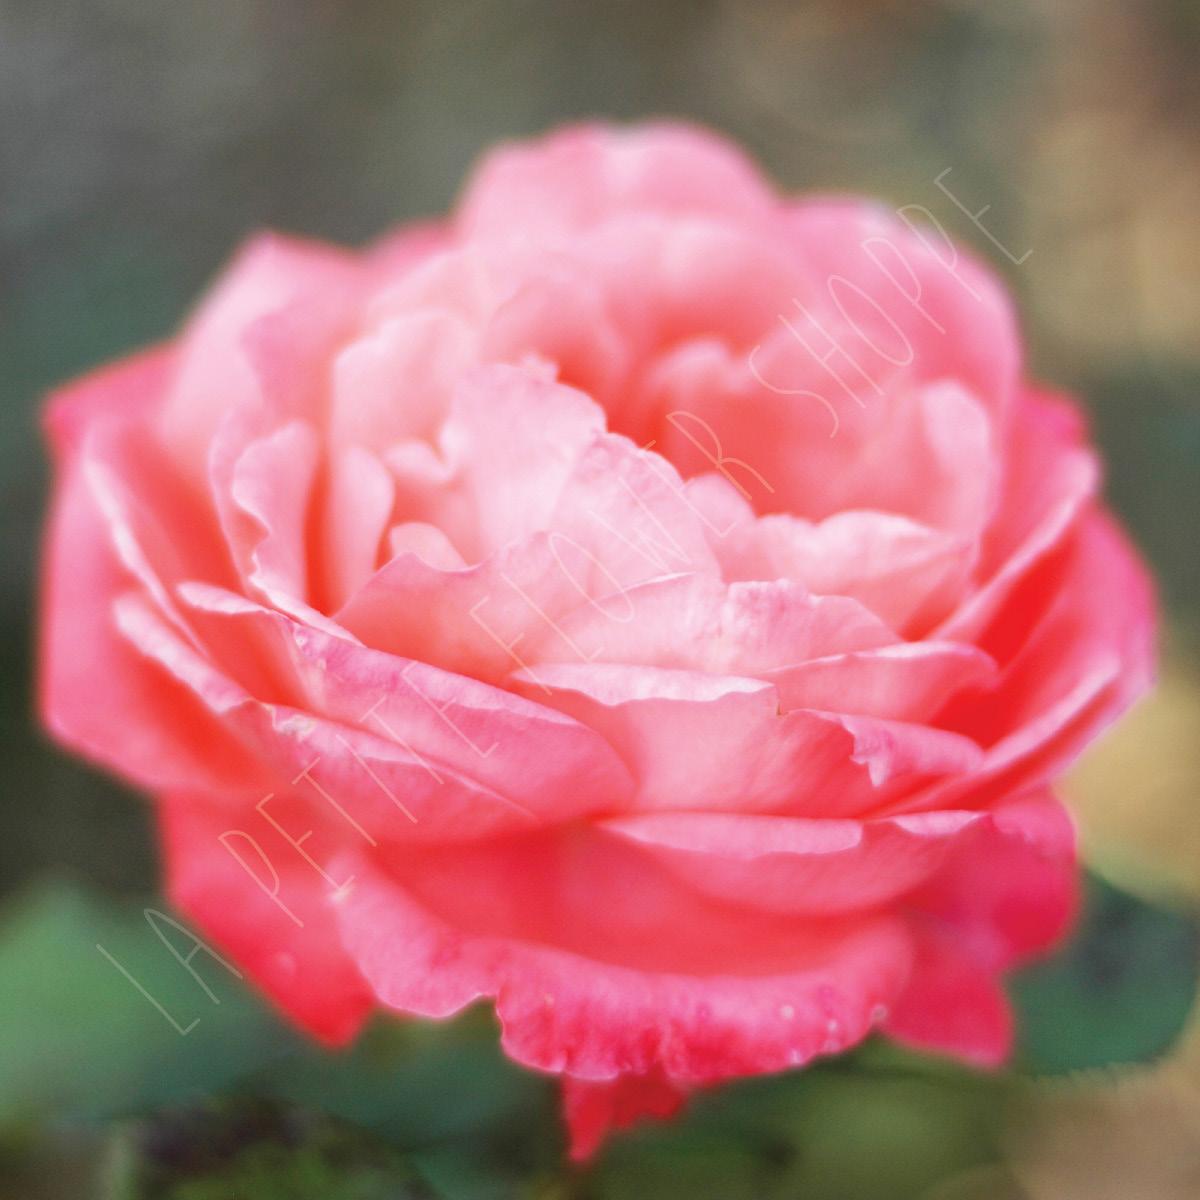 La Petite Flower Shoppe - Fine Art Flower Photography Prints